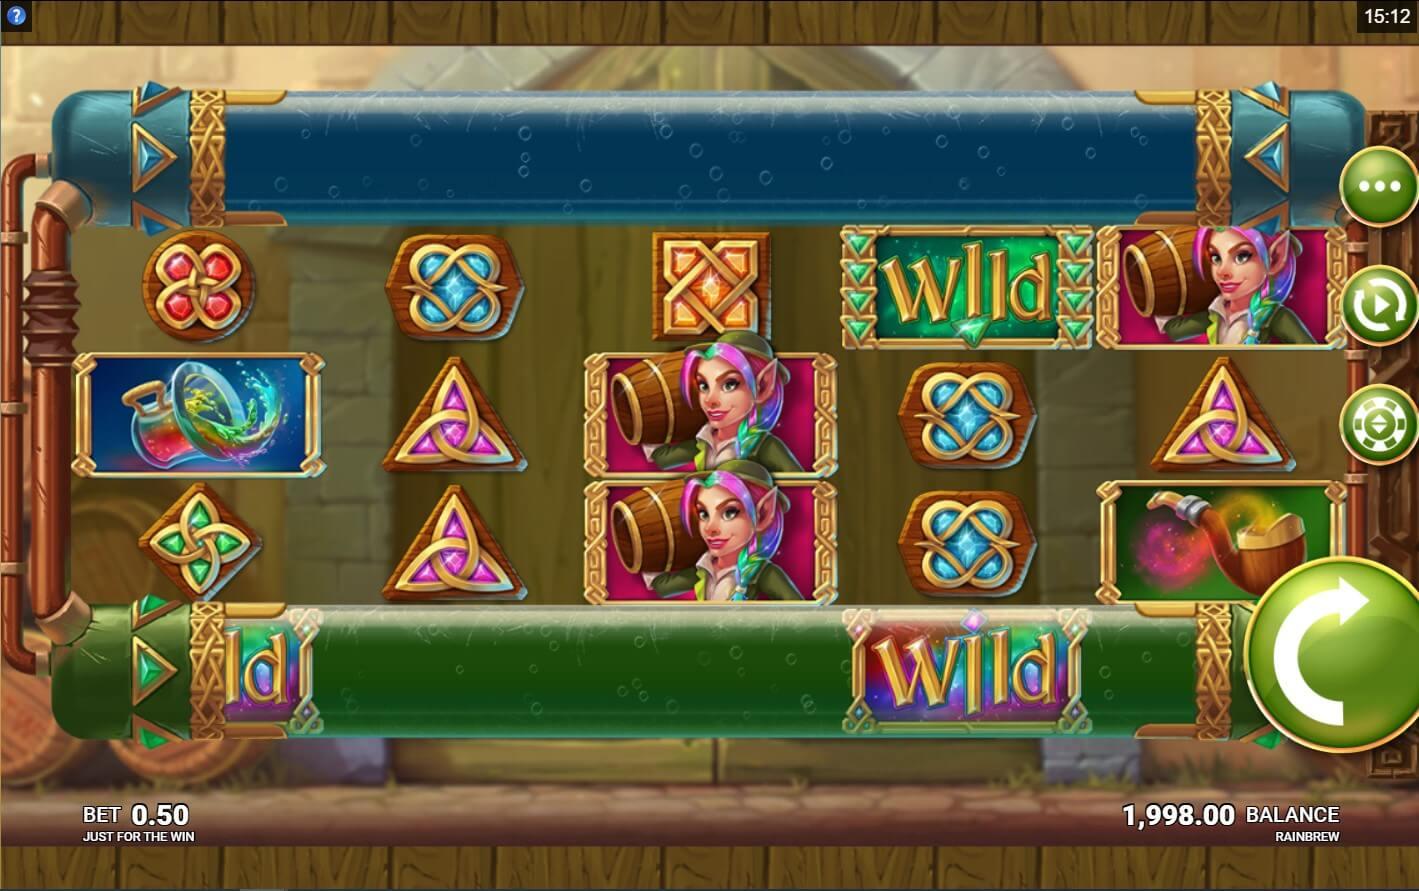 Rainbrew Free Slots